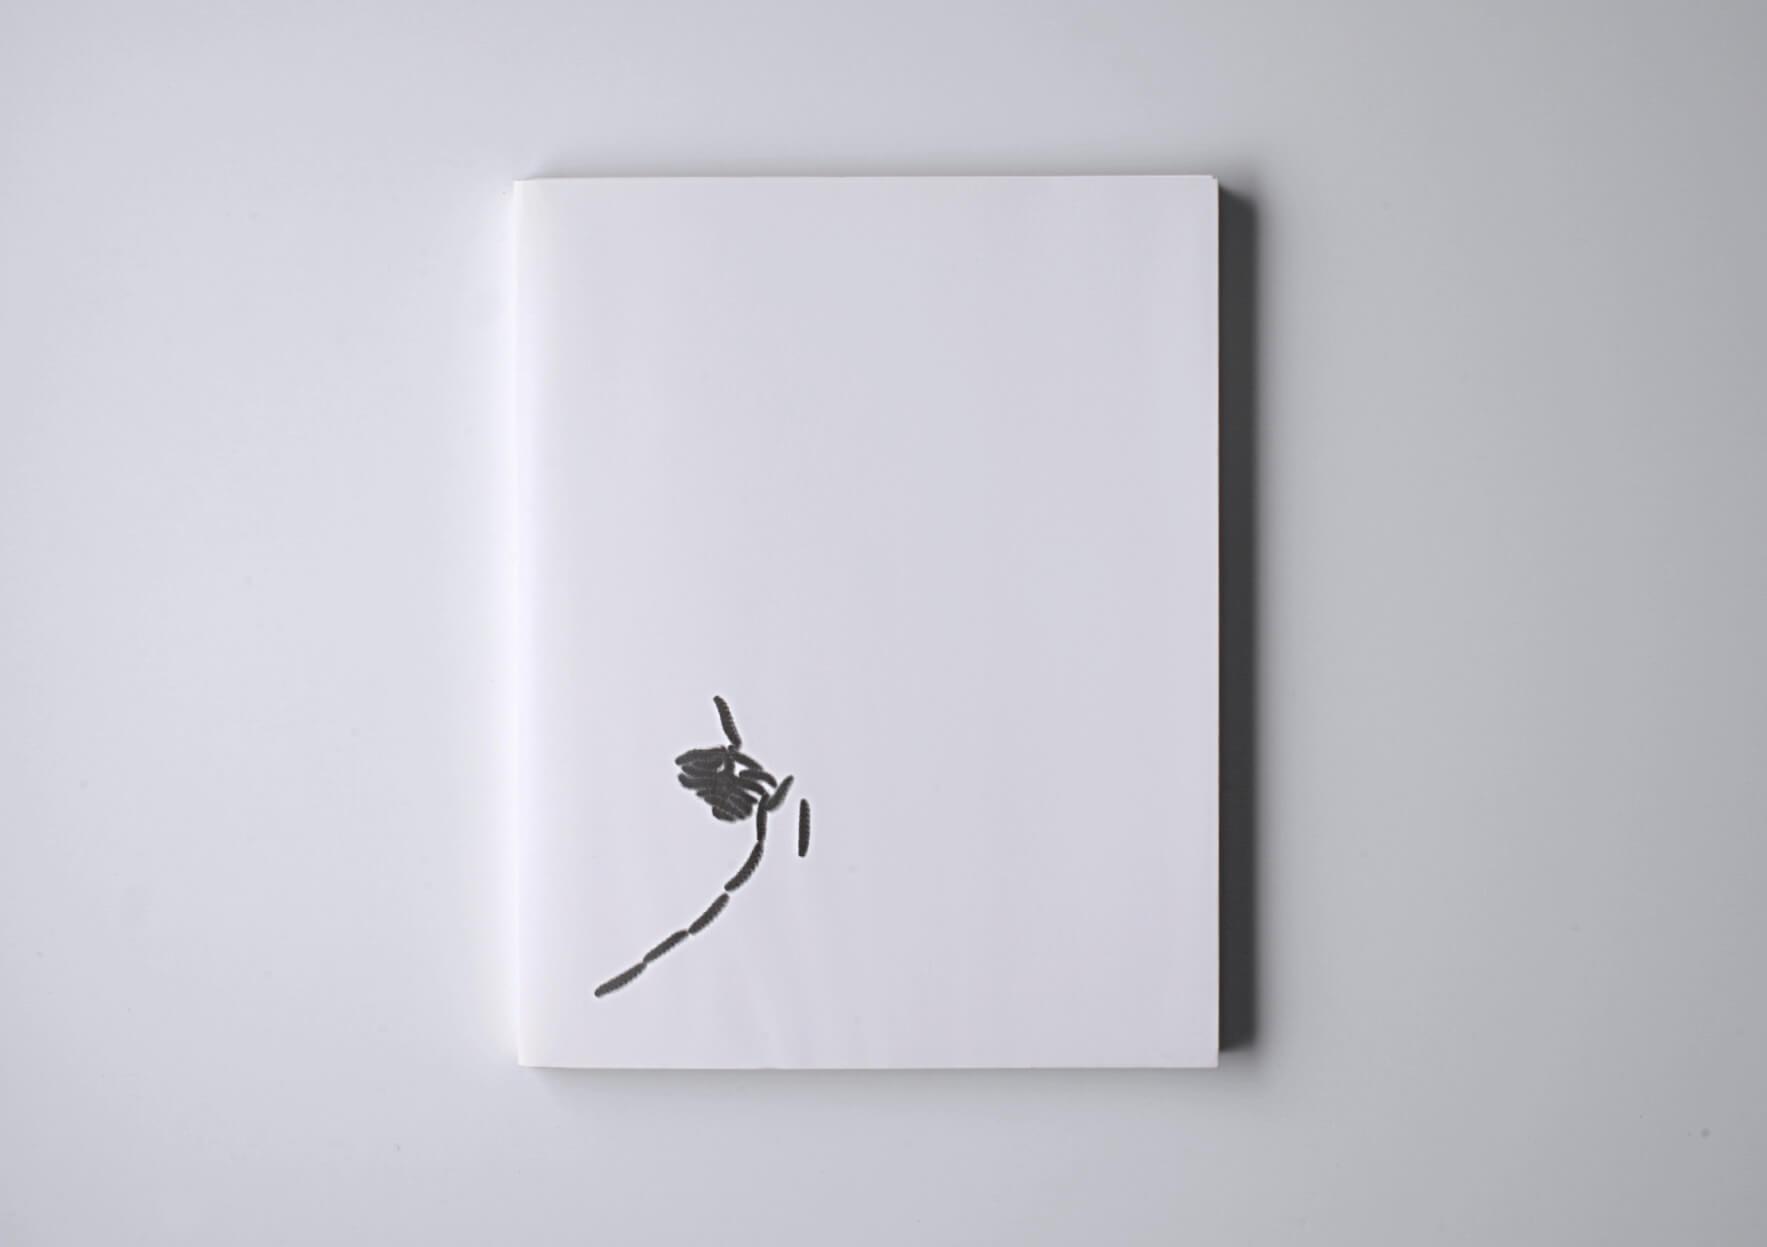 Rosemarie Trockel Jedes Tier ist ein Künstler, 1993 30,5 x 24 cm, 64 p. 1500 ex. First edition, signed by the artist. Ed. Galerie der Spiegel, Spiegelschrift n°5, Karl Gerstner, Köln | Mother | ProjecteSD